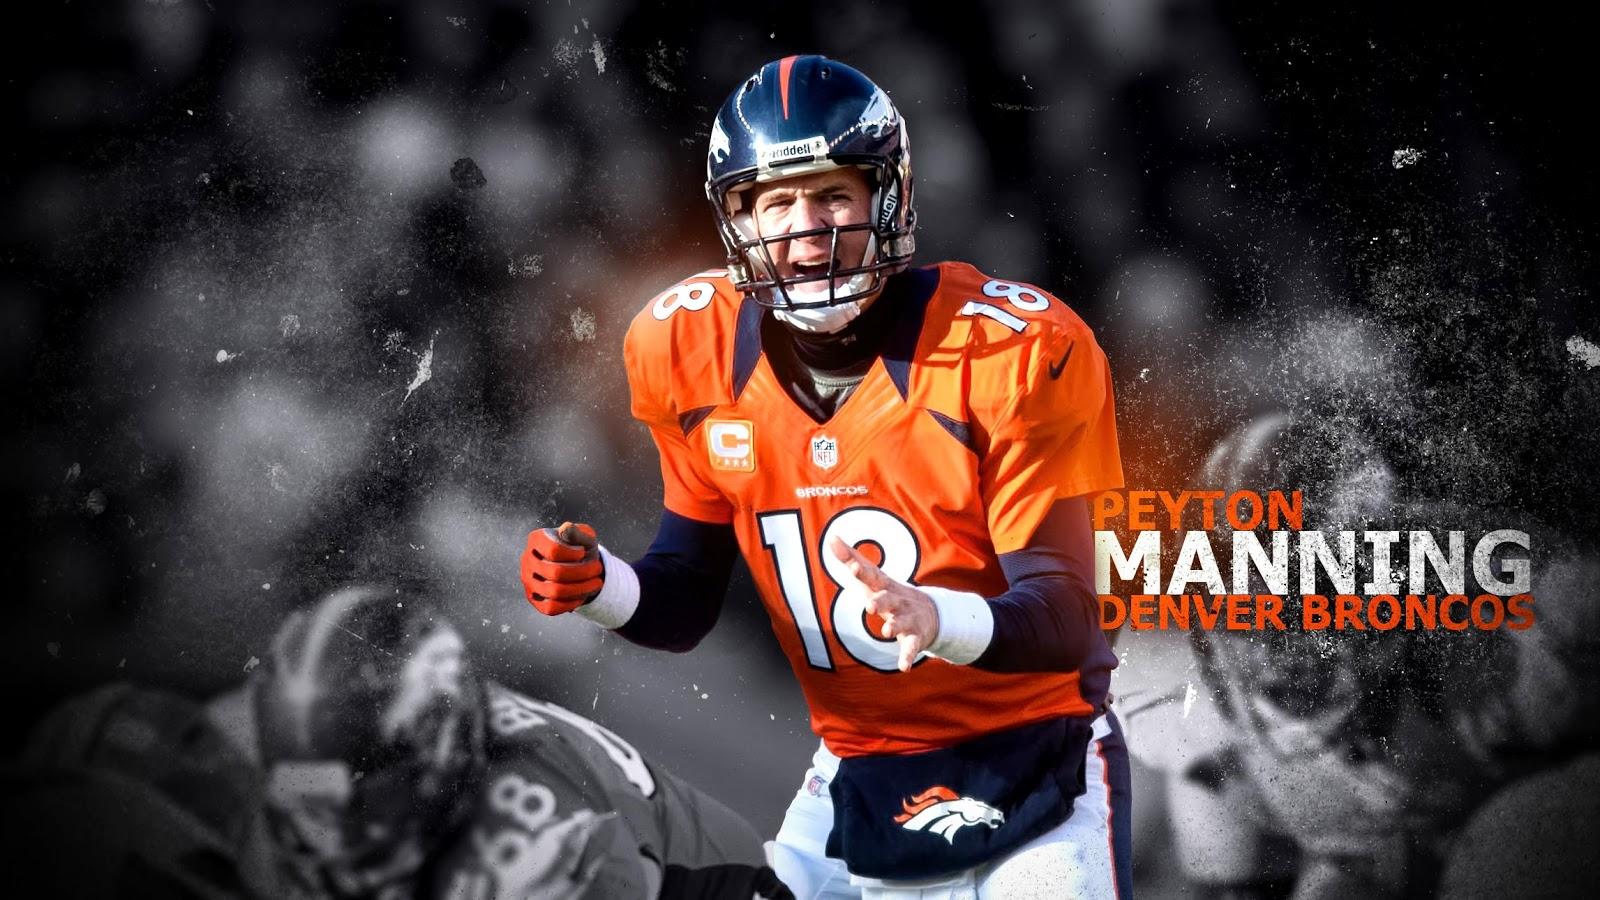 Peyton Manning First Super Bowl Win